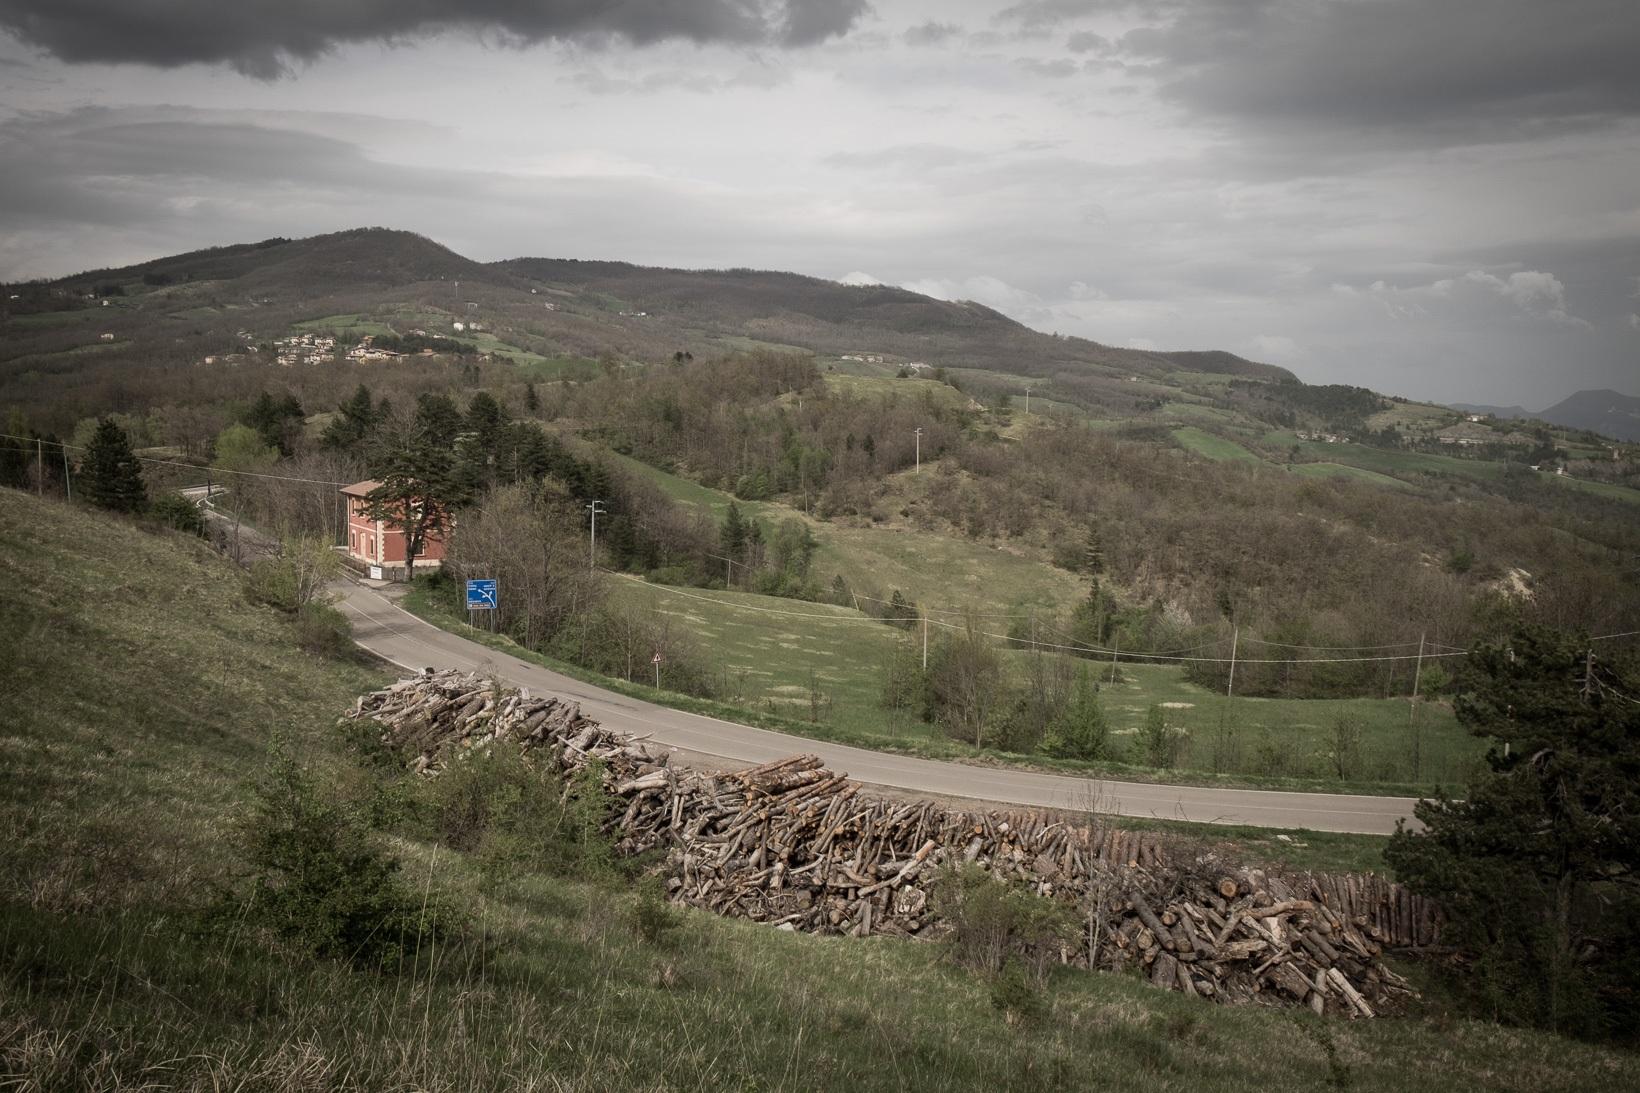 Monte-Belvedere-sullo-sfondo-DSCF4821-2